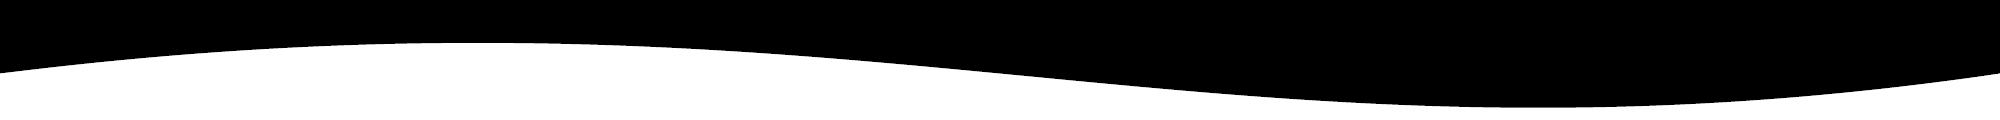 Curve Top, MRC Cornerstone